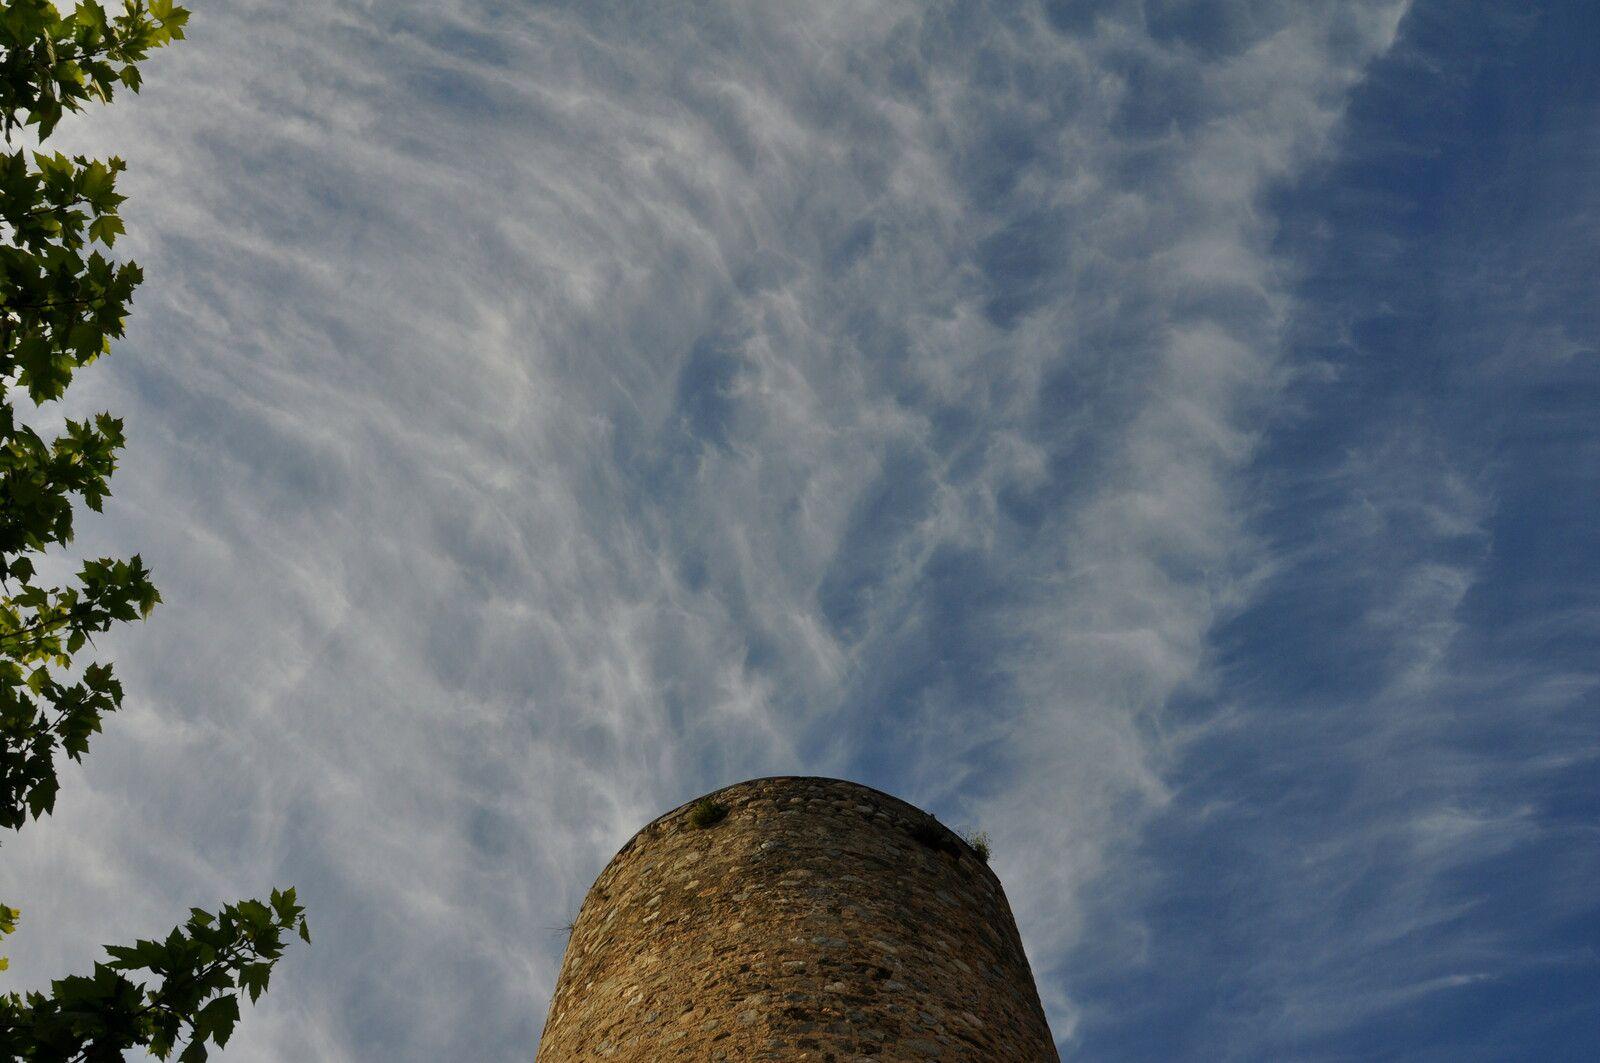 J'adore les nuages avec la tour.